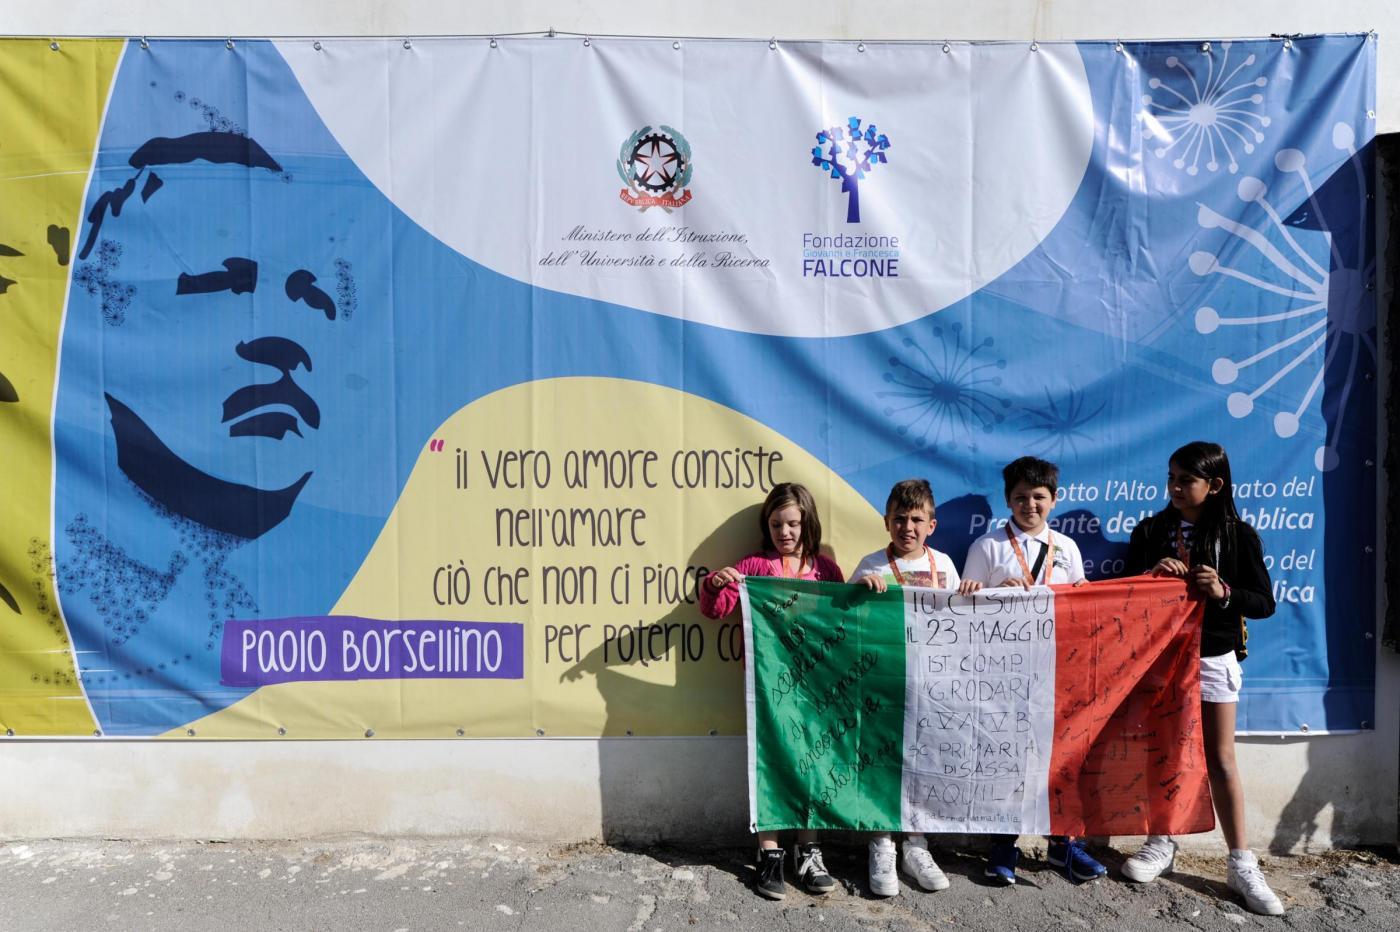 Palermo: commemorazione stragi di Capaci e Via D'Amelio